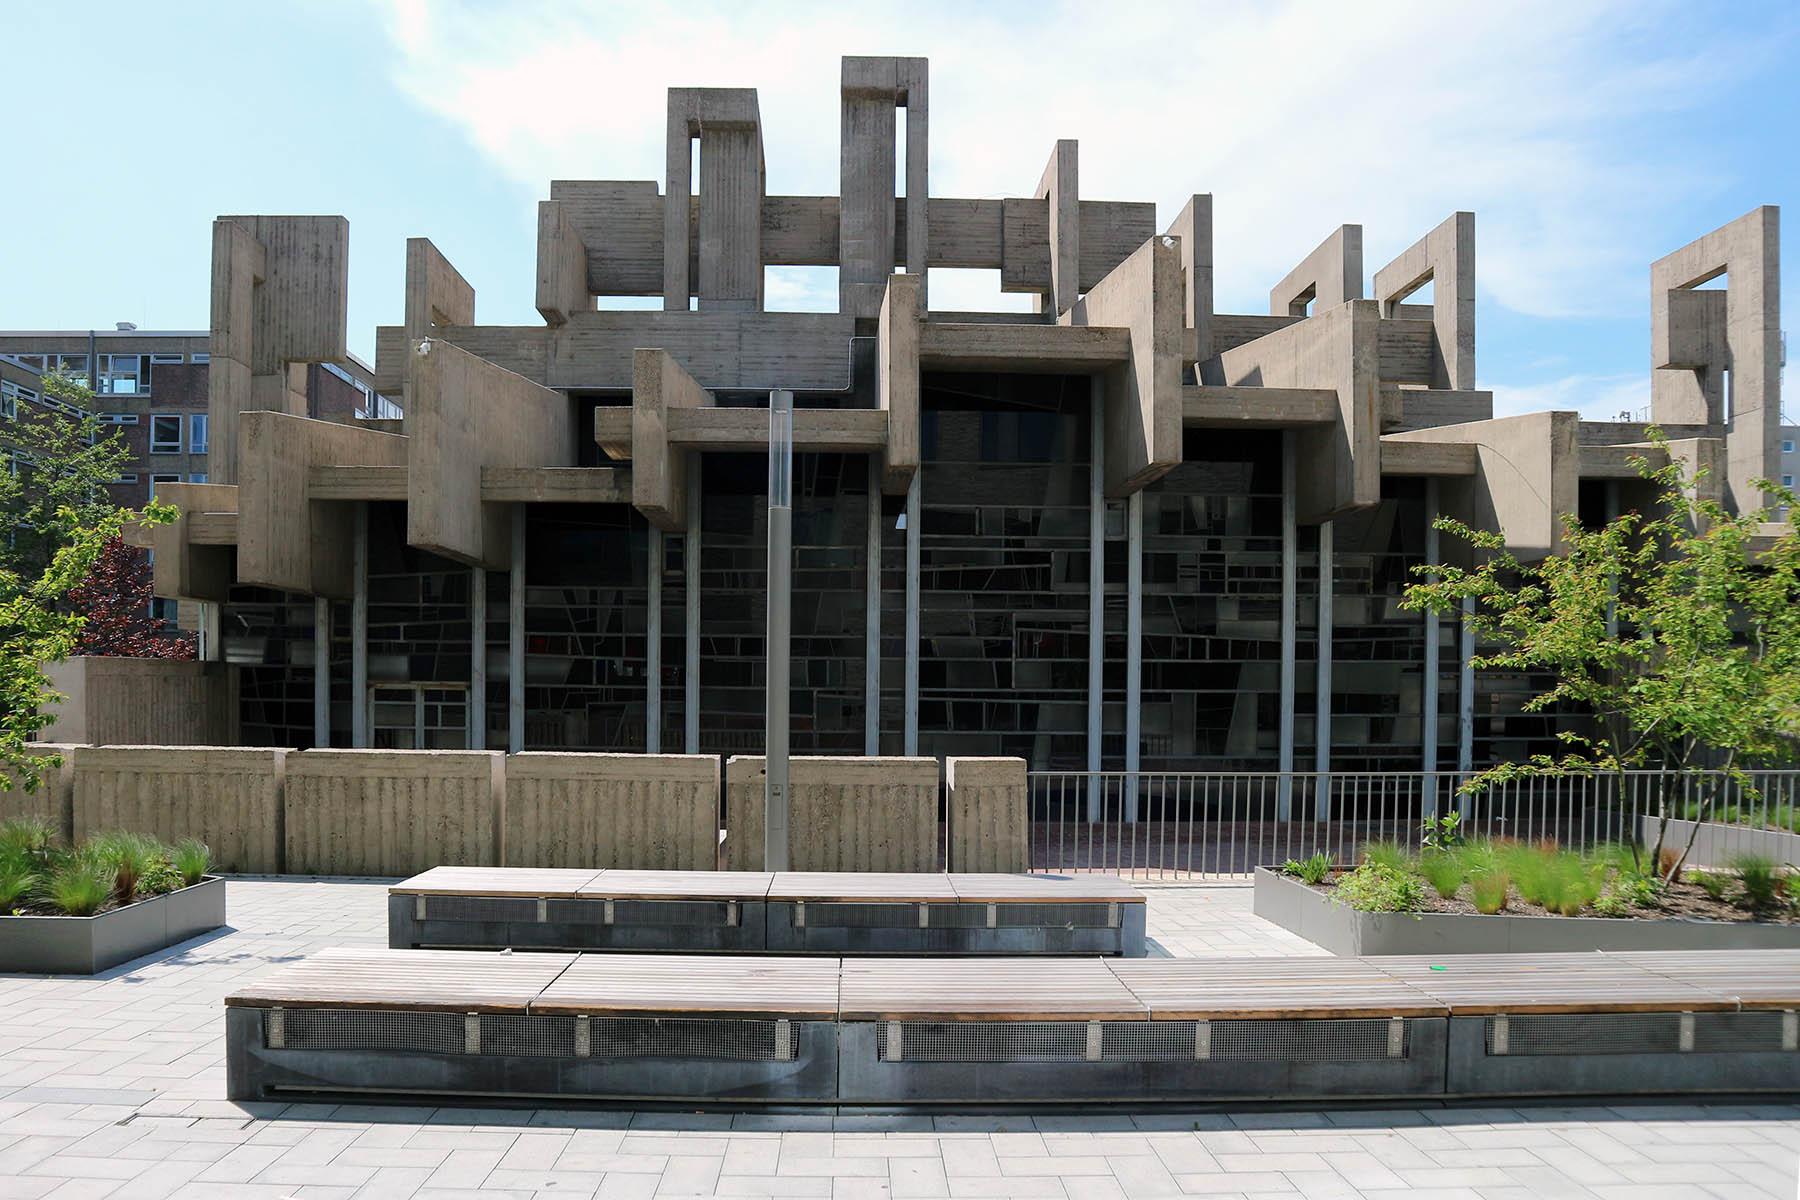 Kirche der katholischen Hochschulgemeinde. Heinz Buchmann und Josef Rikus. Baujahr: 1969. Berrenrather Str. 127, 50937 Köln